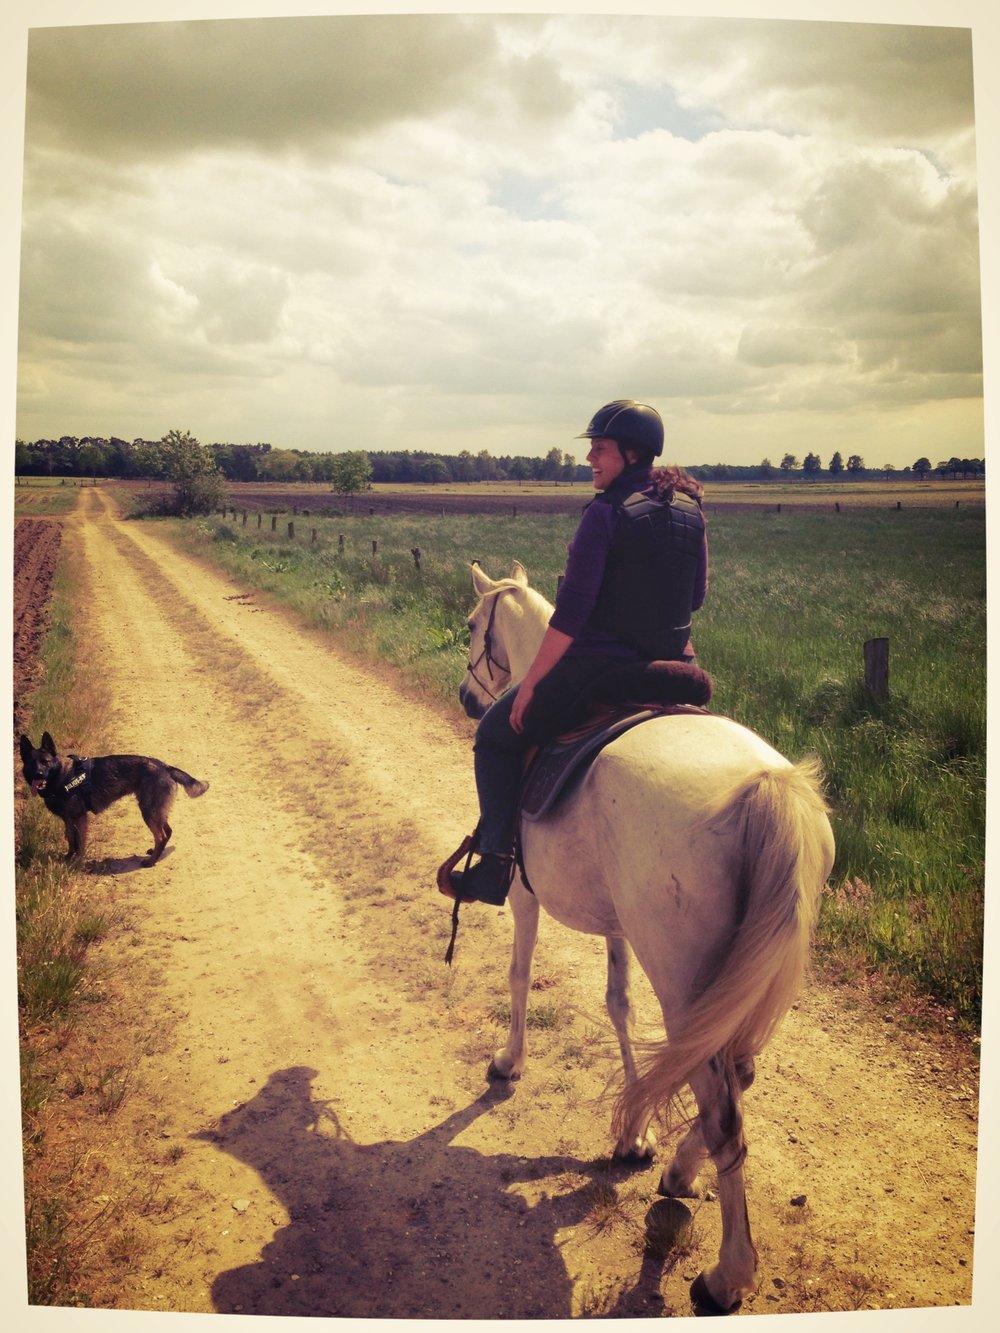 Ik wil anders - Naast de saaie rondjes in de manege reed ik in het weekend samen met een vriendin geweldige buitentochten op haar paarden. En af en toe ging er een vriendin van haar mee. Ik vertelde wat er was gebeurd in de manege en dat ik niet meer wilde paardrijden op die manier. Die vriendin-van-de-vriendin vertelde me dat ik eens naar Parelli moest surfen. Dat was een openbaring! En een paar maanden later ontdekte ik de Two Lazy Seven Ranch. En mijn avontuur in de Natural Horsemanship was begonnen...en nu zou ik niet anders dan anders willen!Ondertussen heb ik inmiddels een eigen paddock paradise uitgebouwd waar het welzijn van het paard centraal staat.